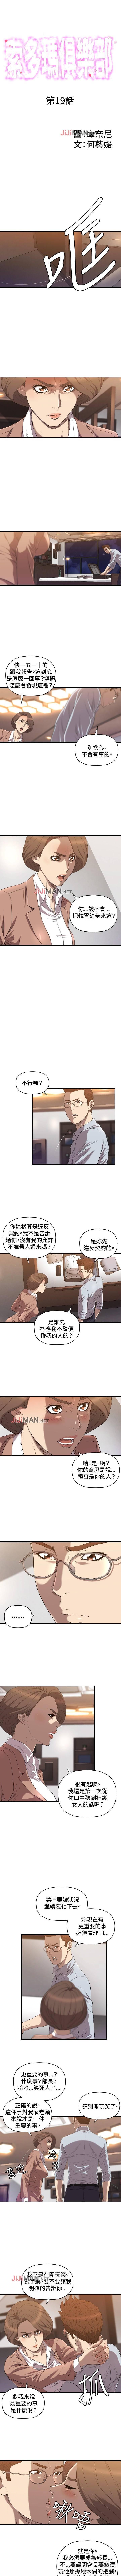 【已完结】索多玛俱乐部(作者:何藝媛&庫奈尼) 第1~32话 90